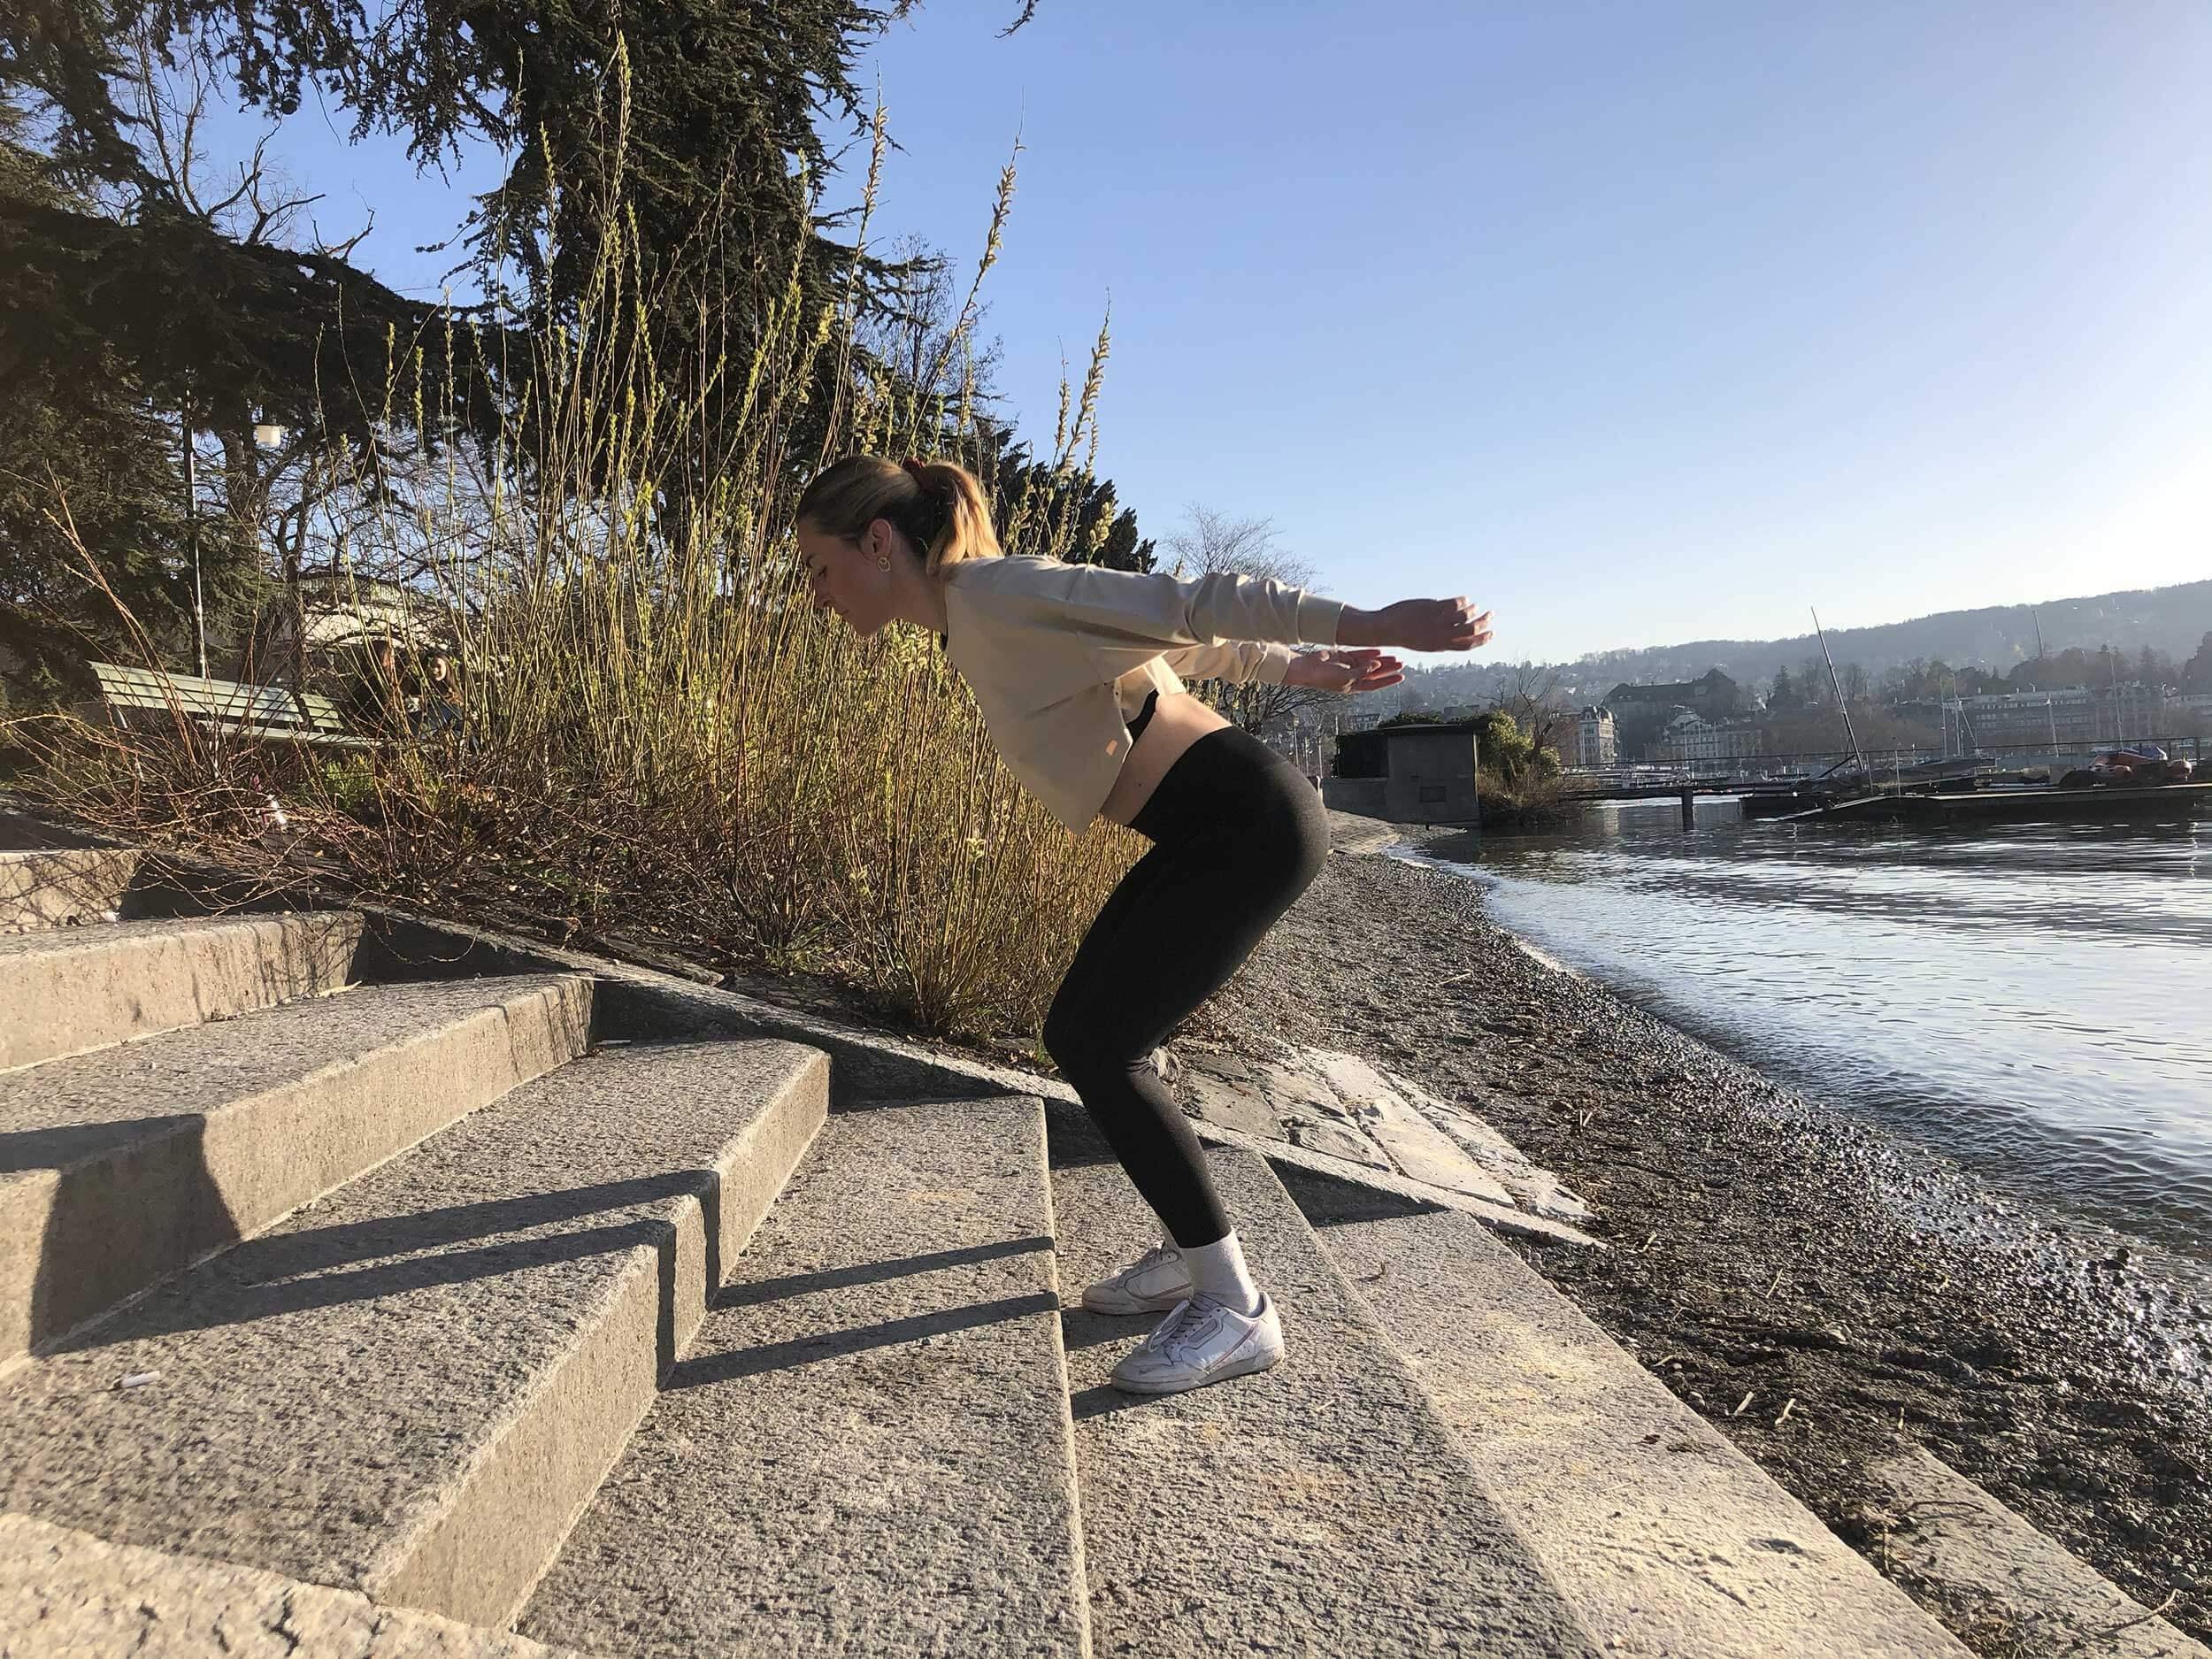 On trouve des escaliers partout en Suisse. Et presque tous sont parfaits pour les sauts en boîte. Avec cet exercice aussi, surveillez toujours votre forme et gardez le dos droit et le regard droit devant vous.